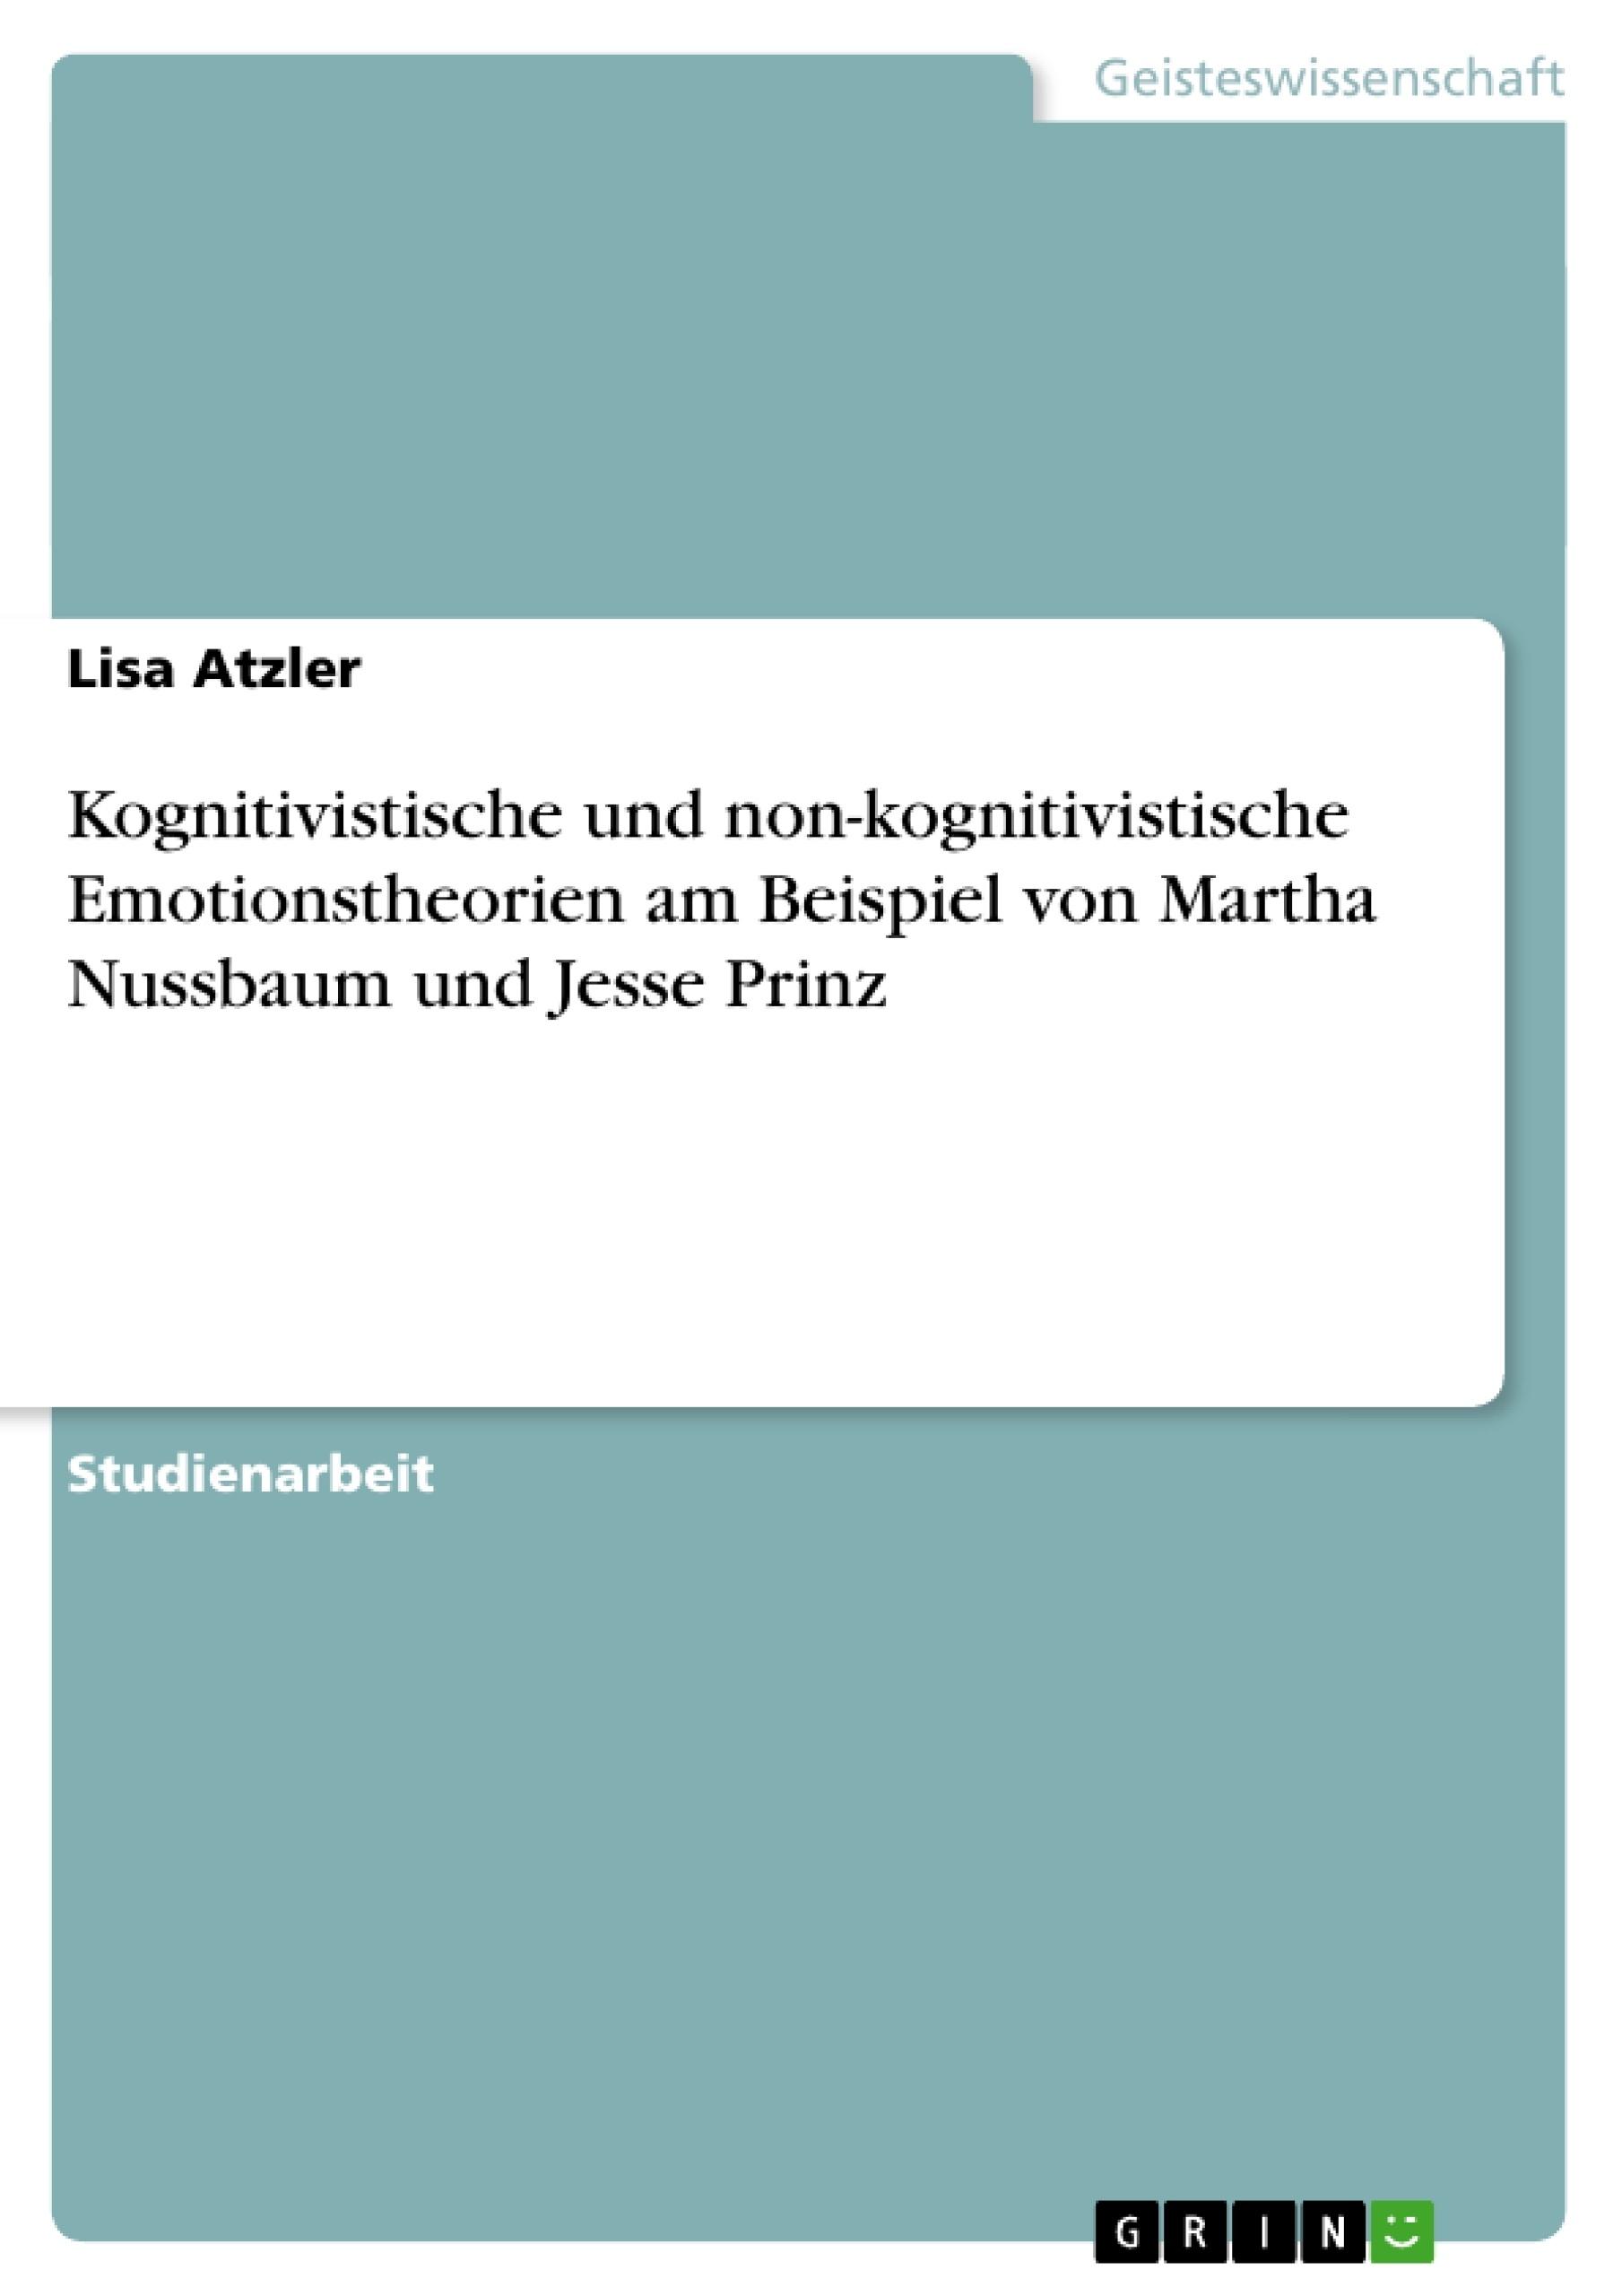 Titel: Kognitivistische und non-kognitivistische Emotionstheorien am Beispiel von Martha Nussbaum und Jesse Prinz